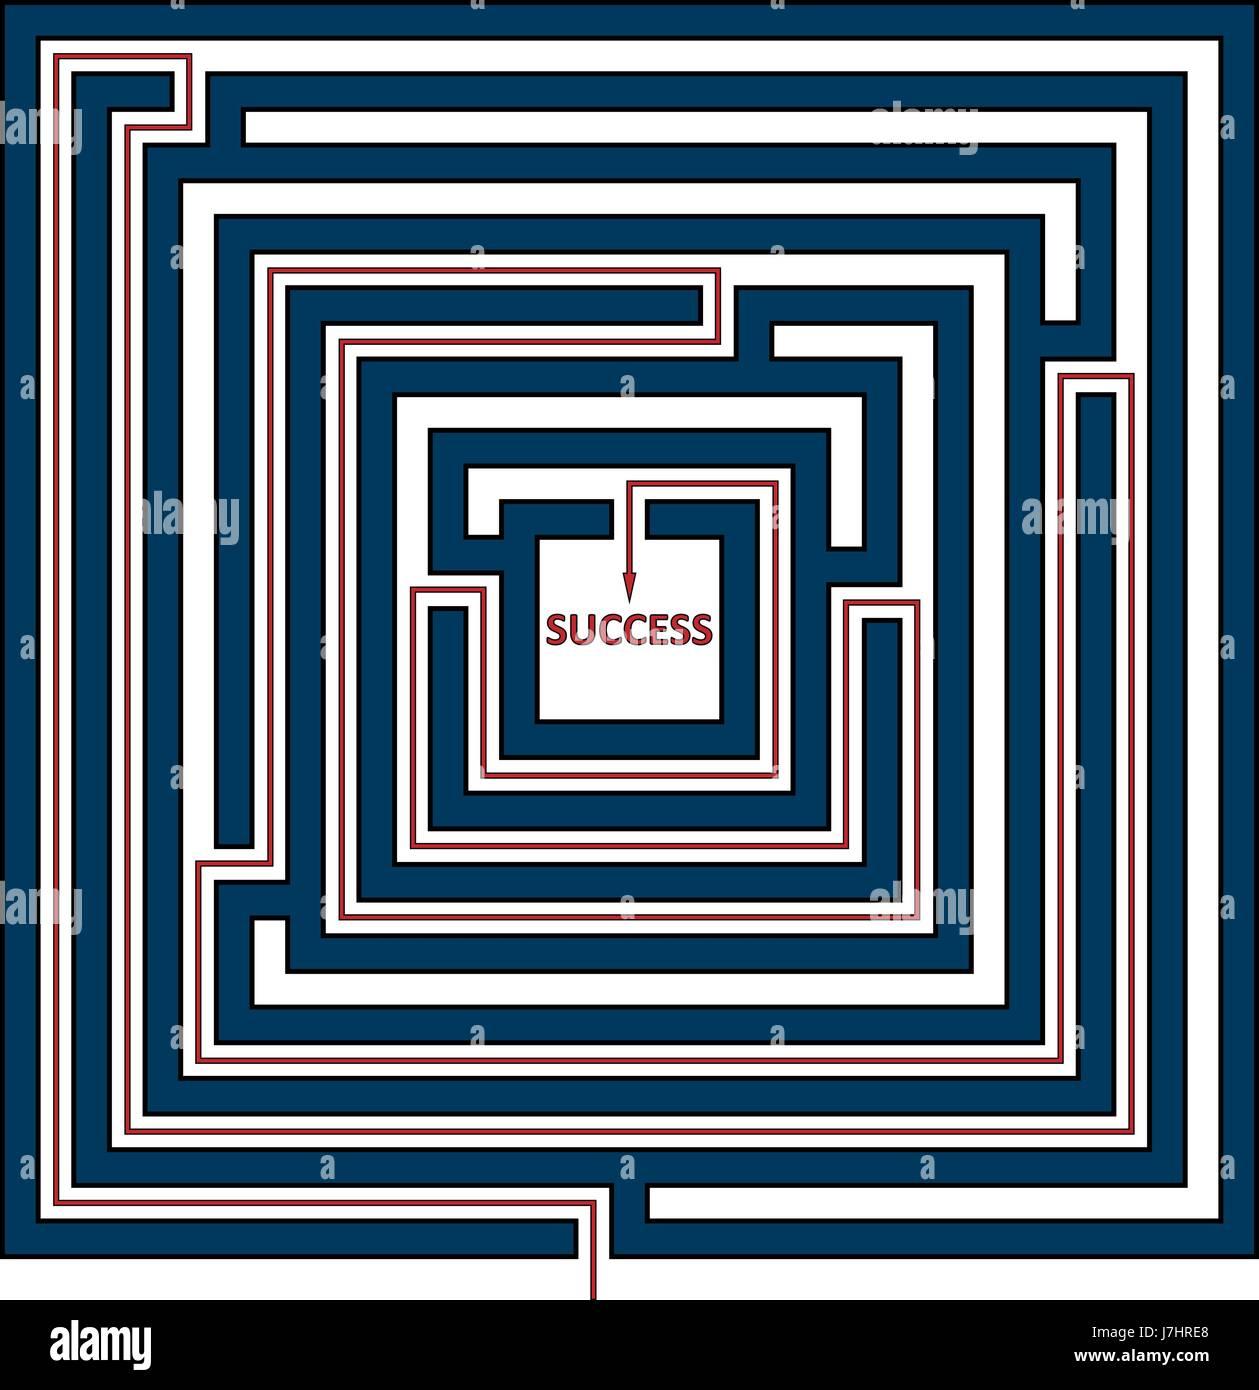 Ilustración vectorial de laberinto cuadrado con la solución como una línea roja para el éxito. Imagen De Stock